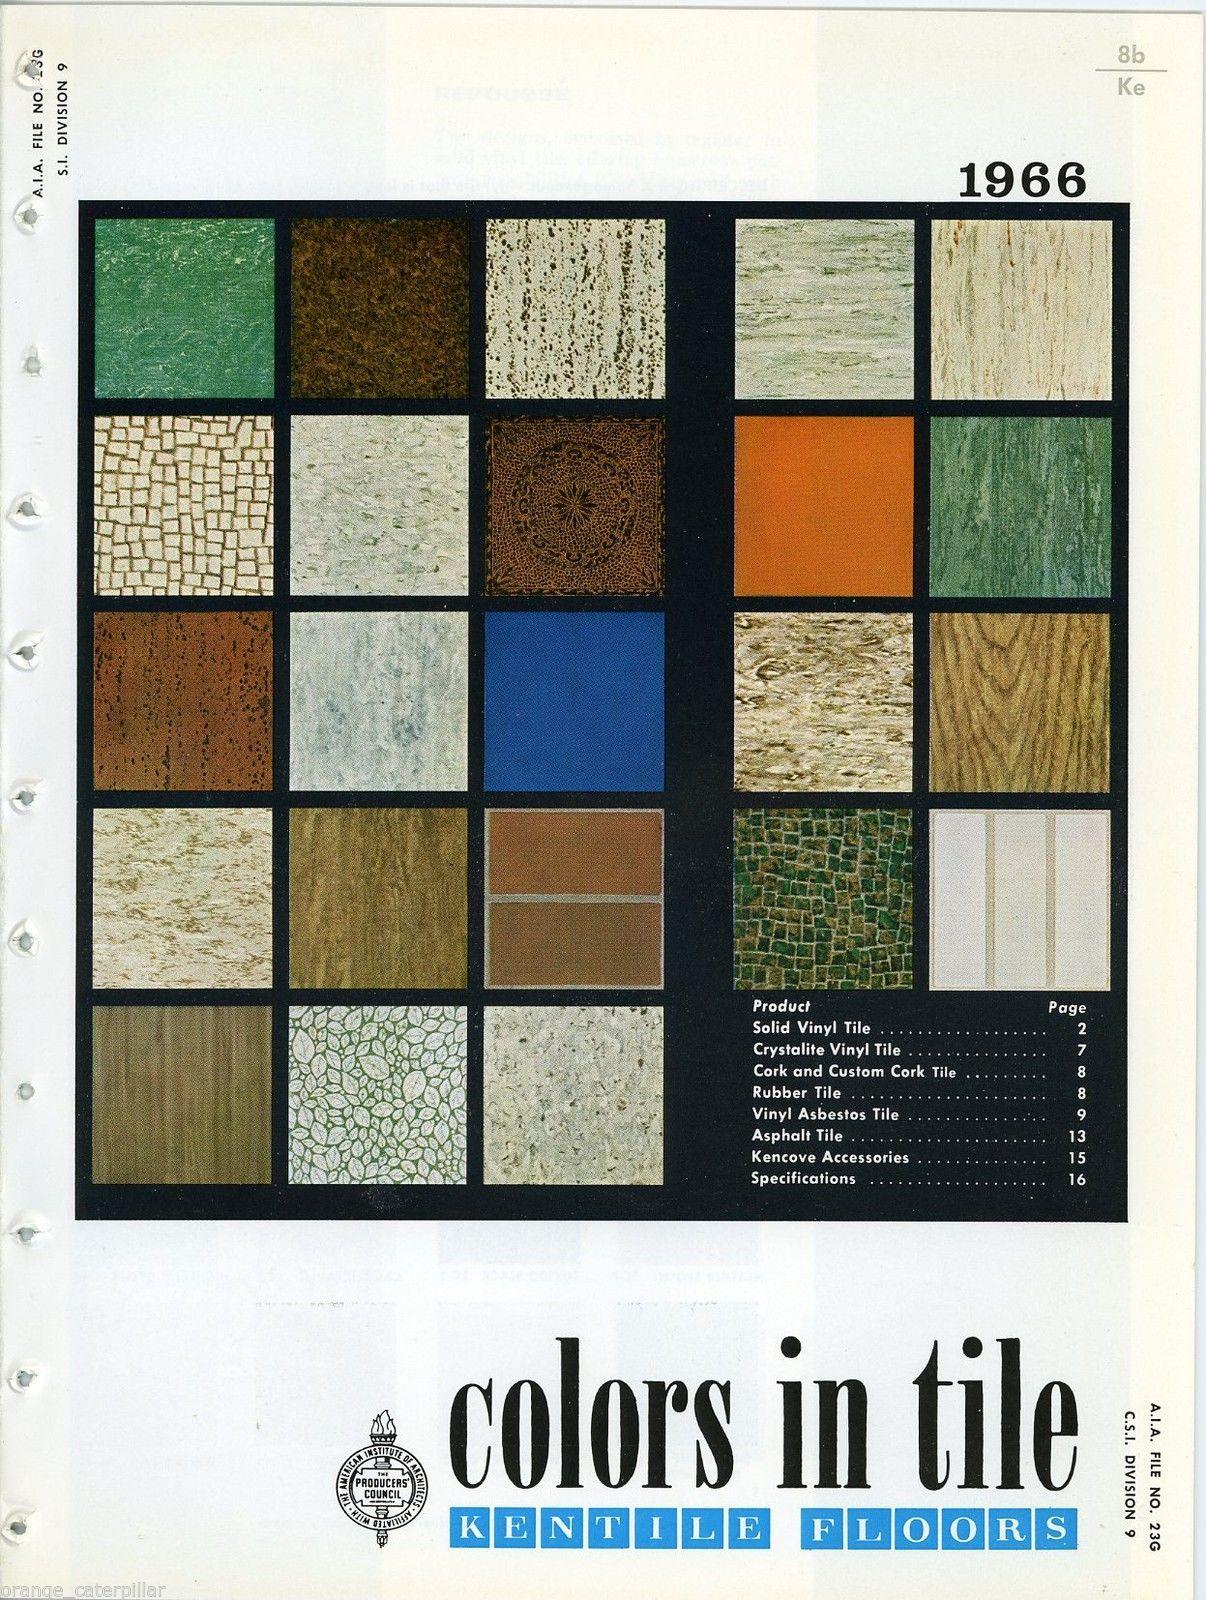 1966 Kentile Floors Tile Colors Mid Century Design Flooring Asbestos Tile Flooring Colorful Tile Floor